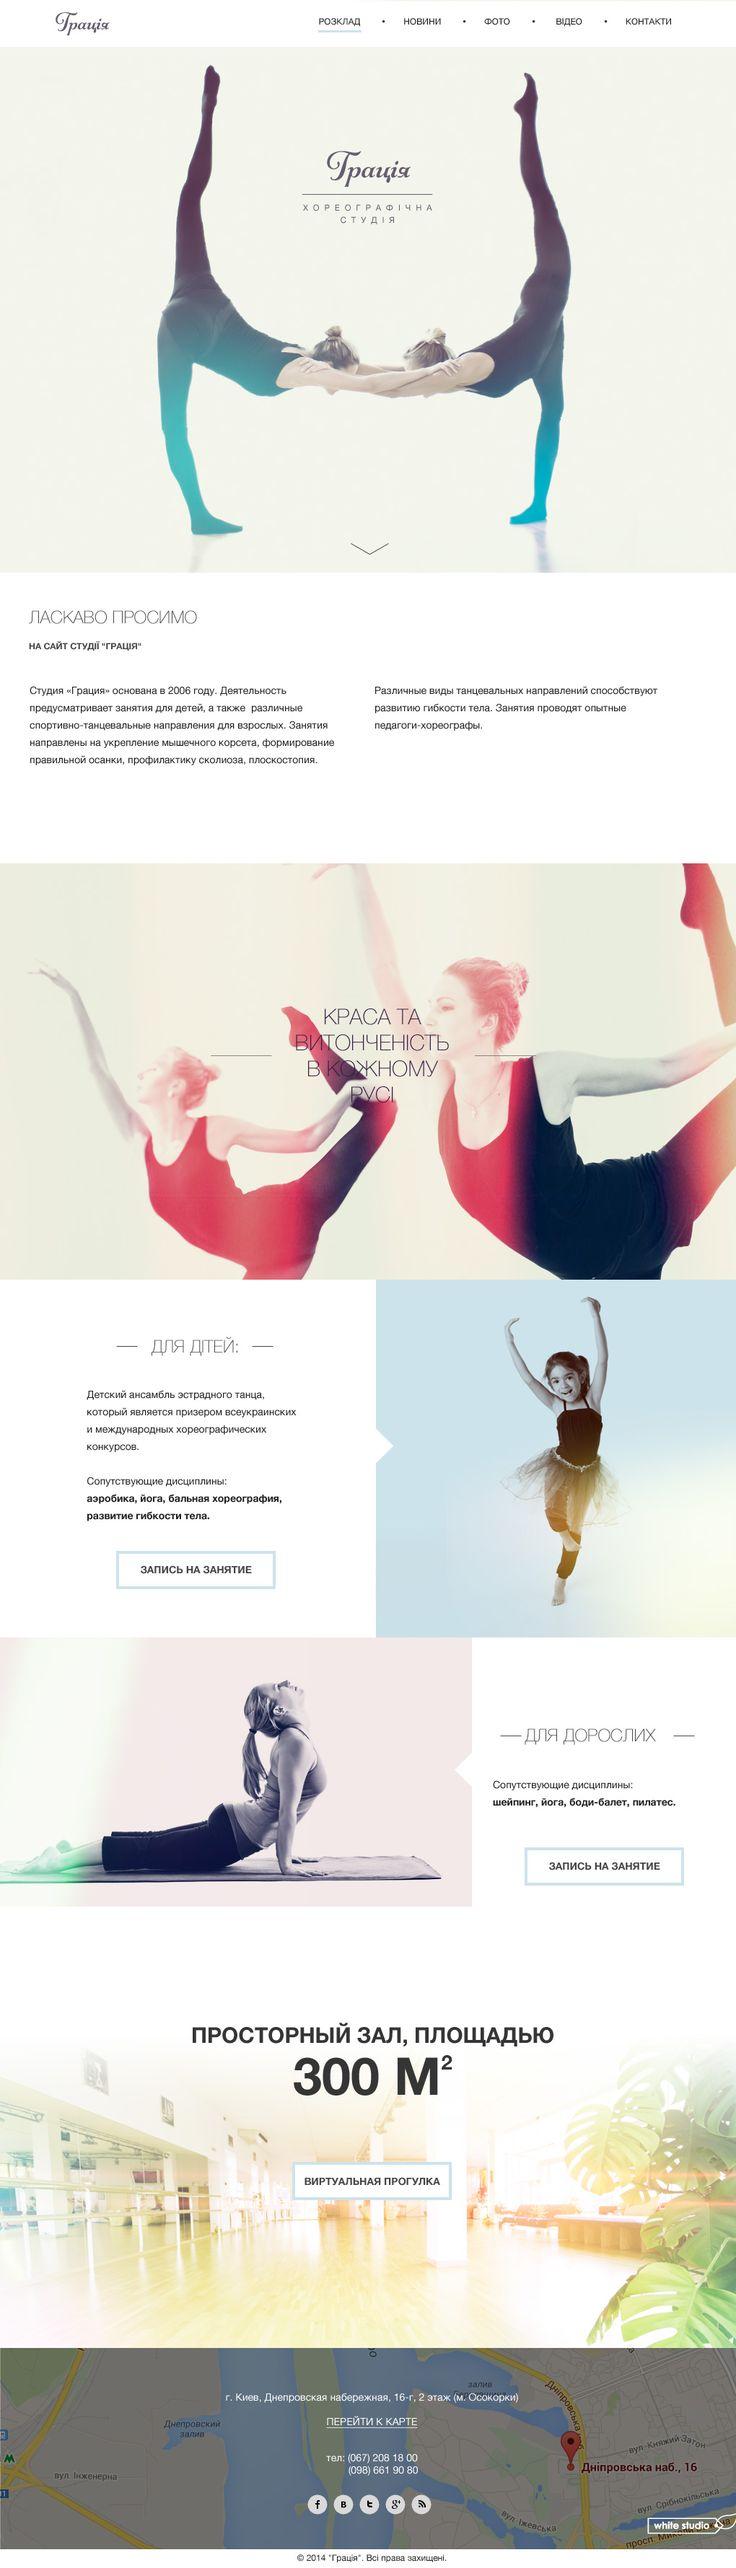 Website for dance school in Kiev #parallax